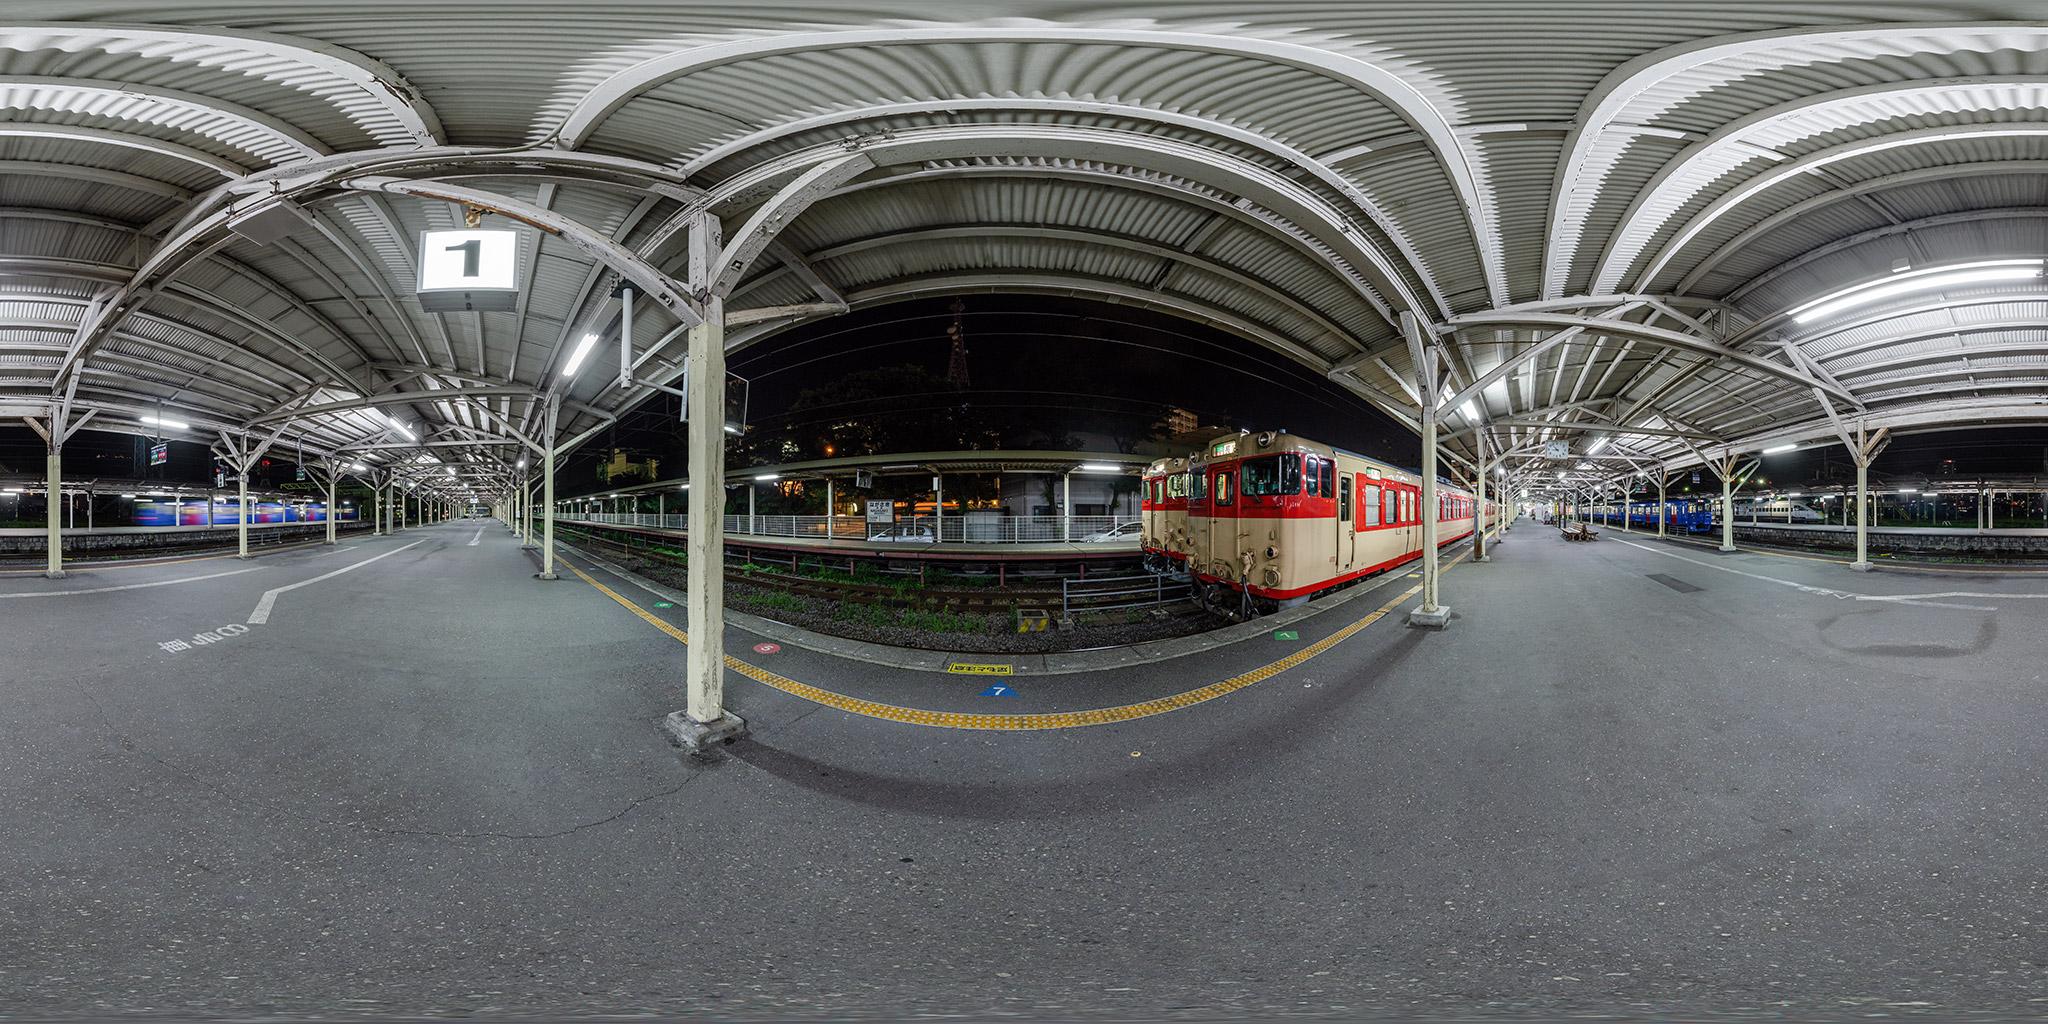 長崎駅にてキハ66、キハ67が並ぶ